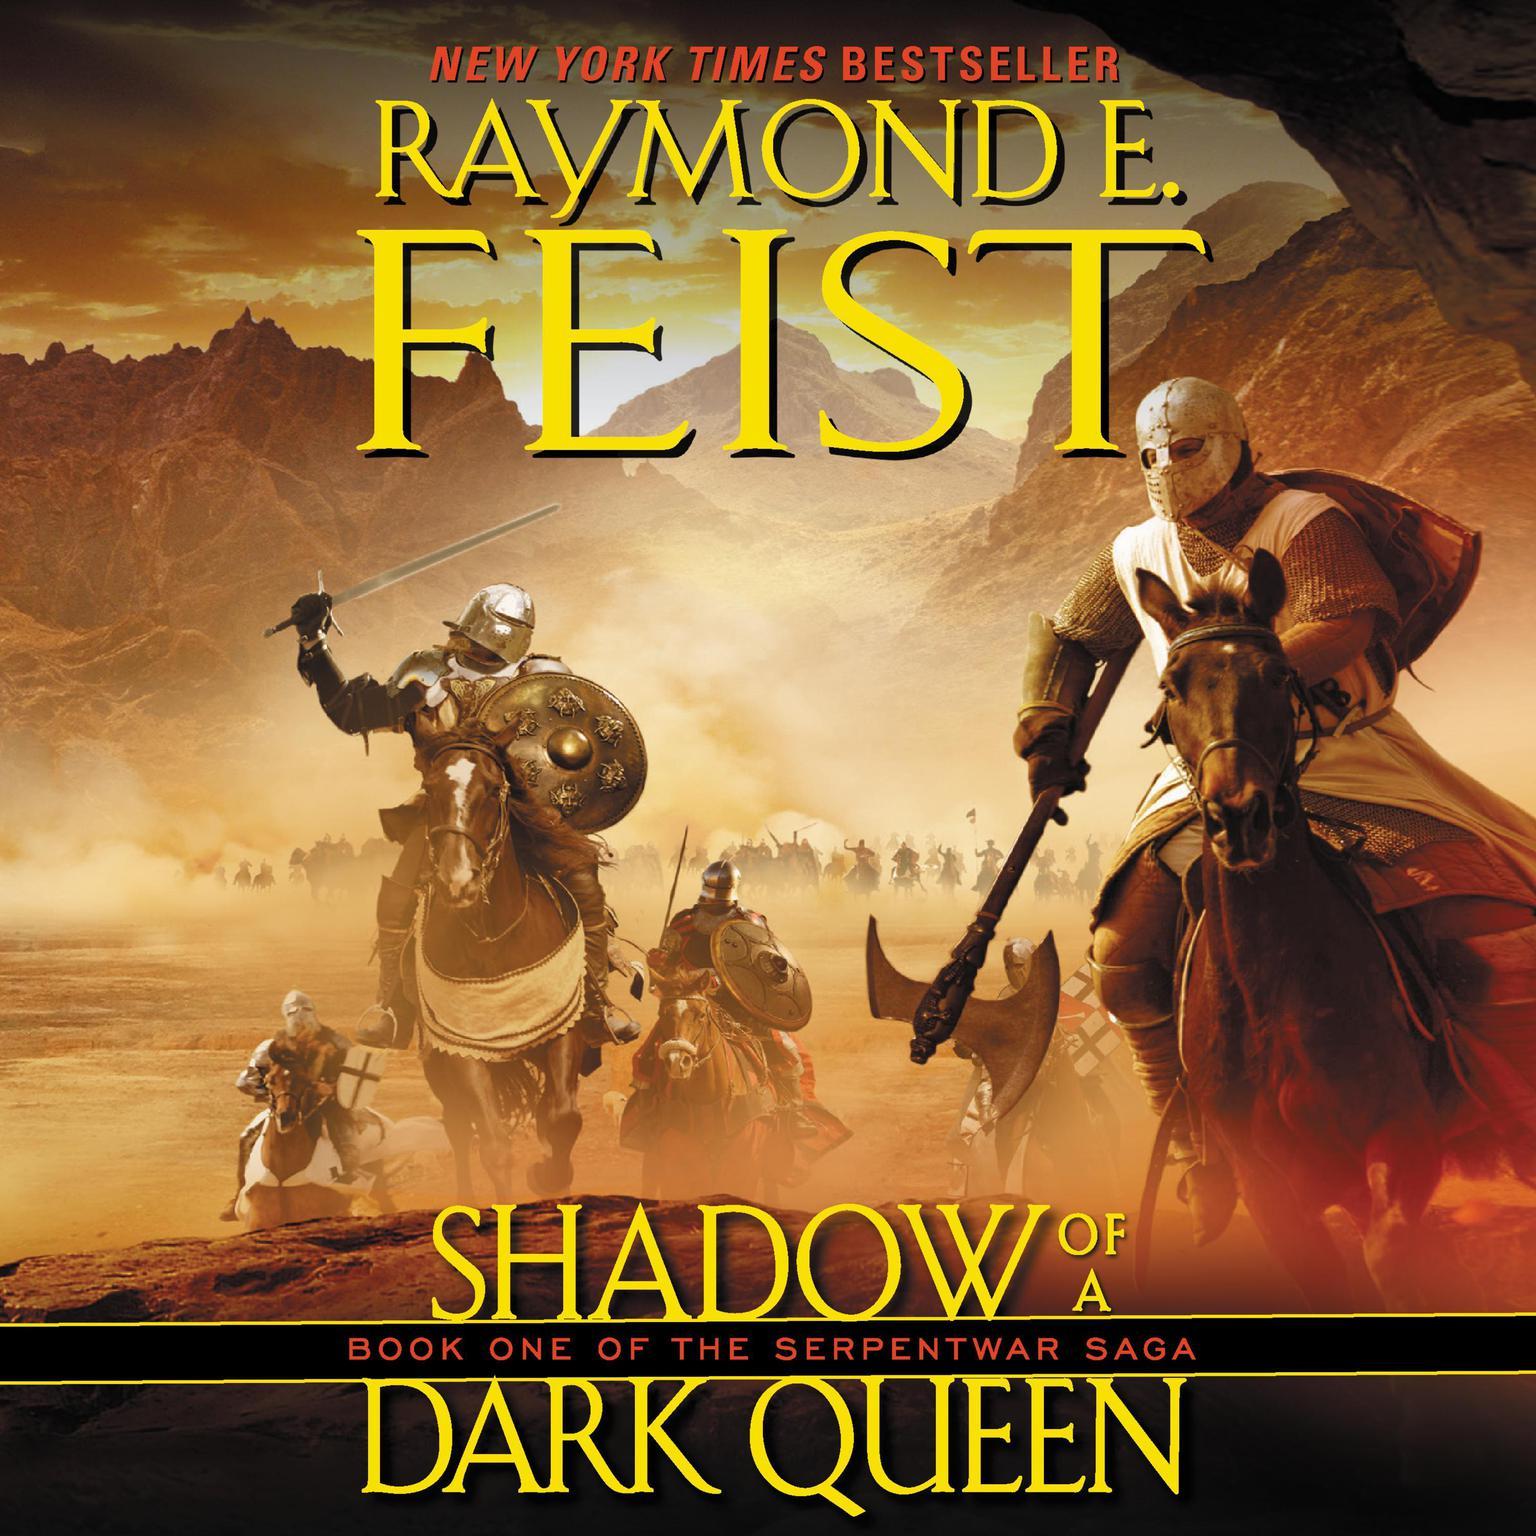 Shadow of a Dark Queen: Book One of the Serpentwar Saga Audiobook, by Raymond E. Feist